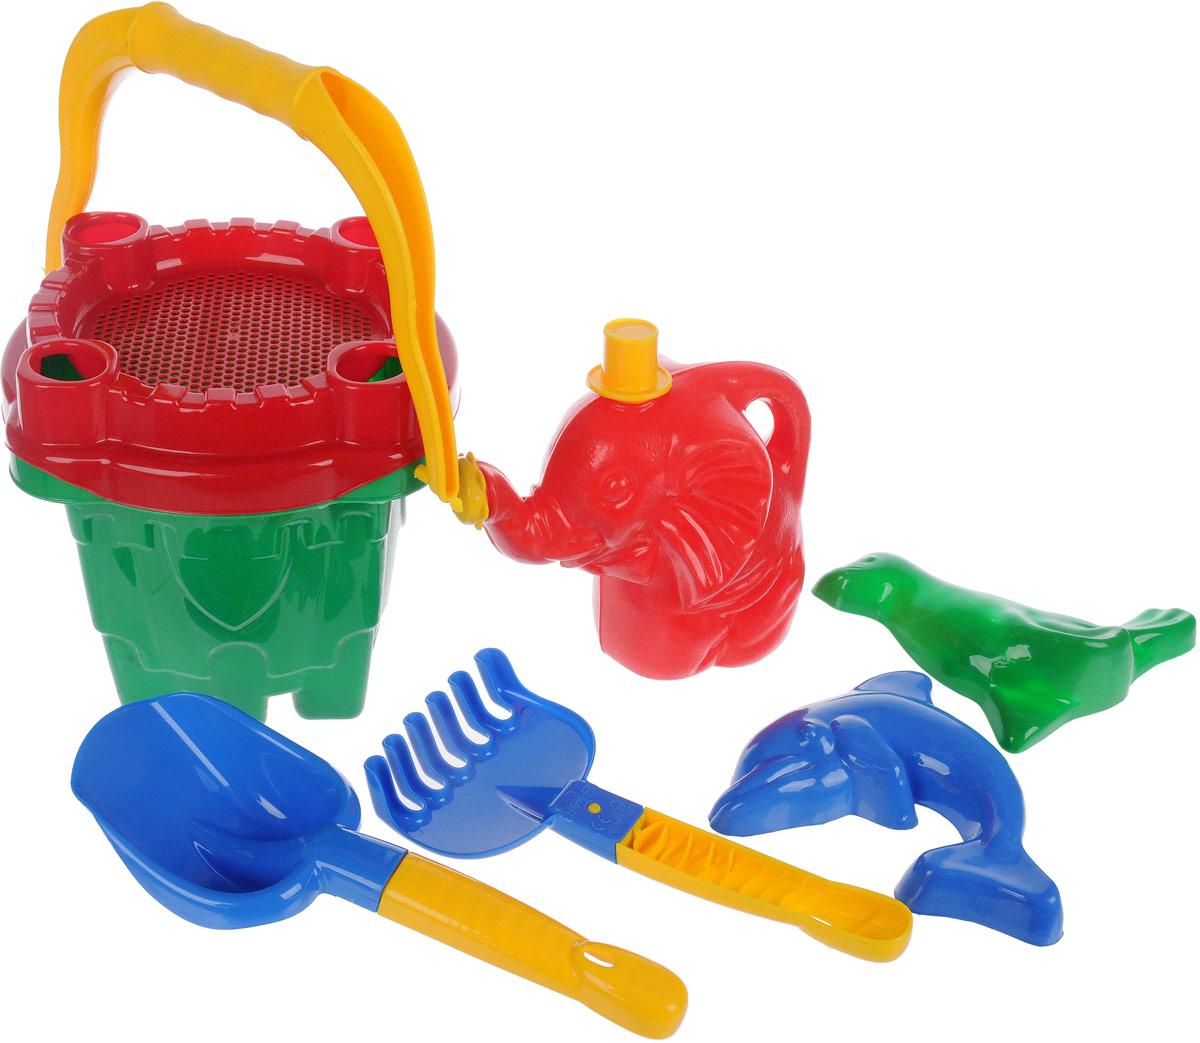 Hemar Набор для песочницы 7 предметов П-0123 hemar набор для песочницы авто ptys 9 предметов